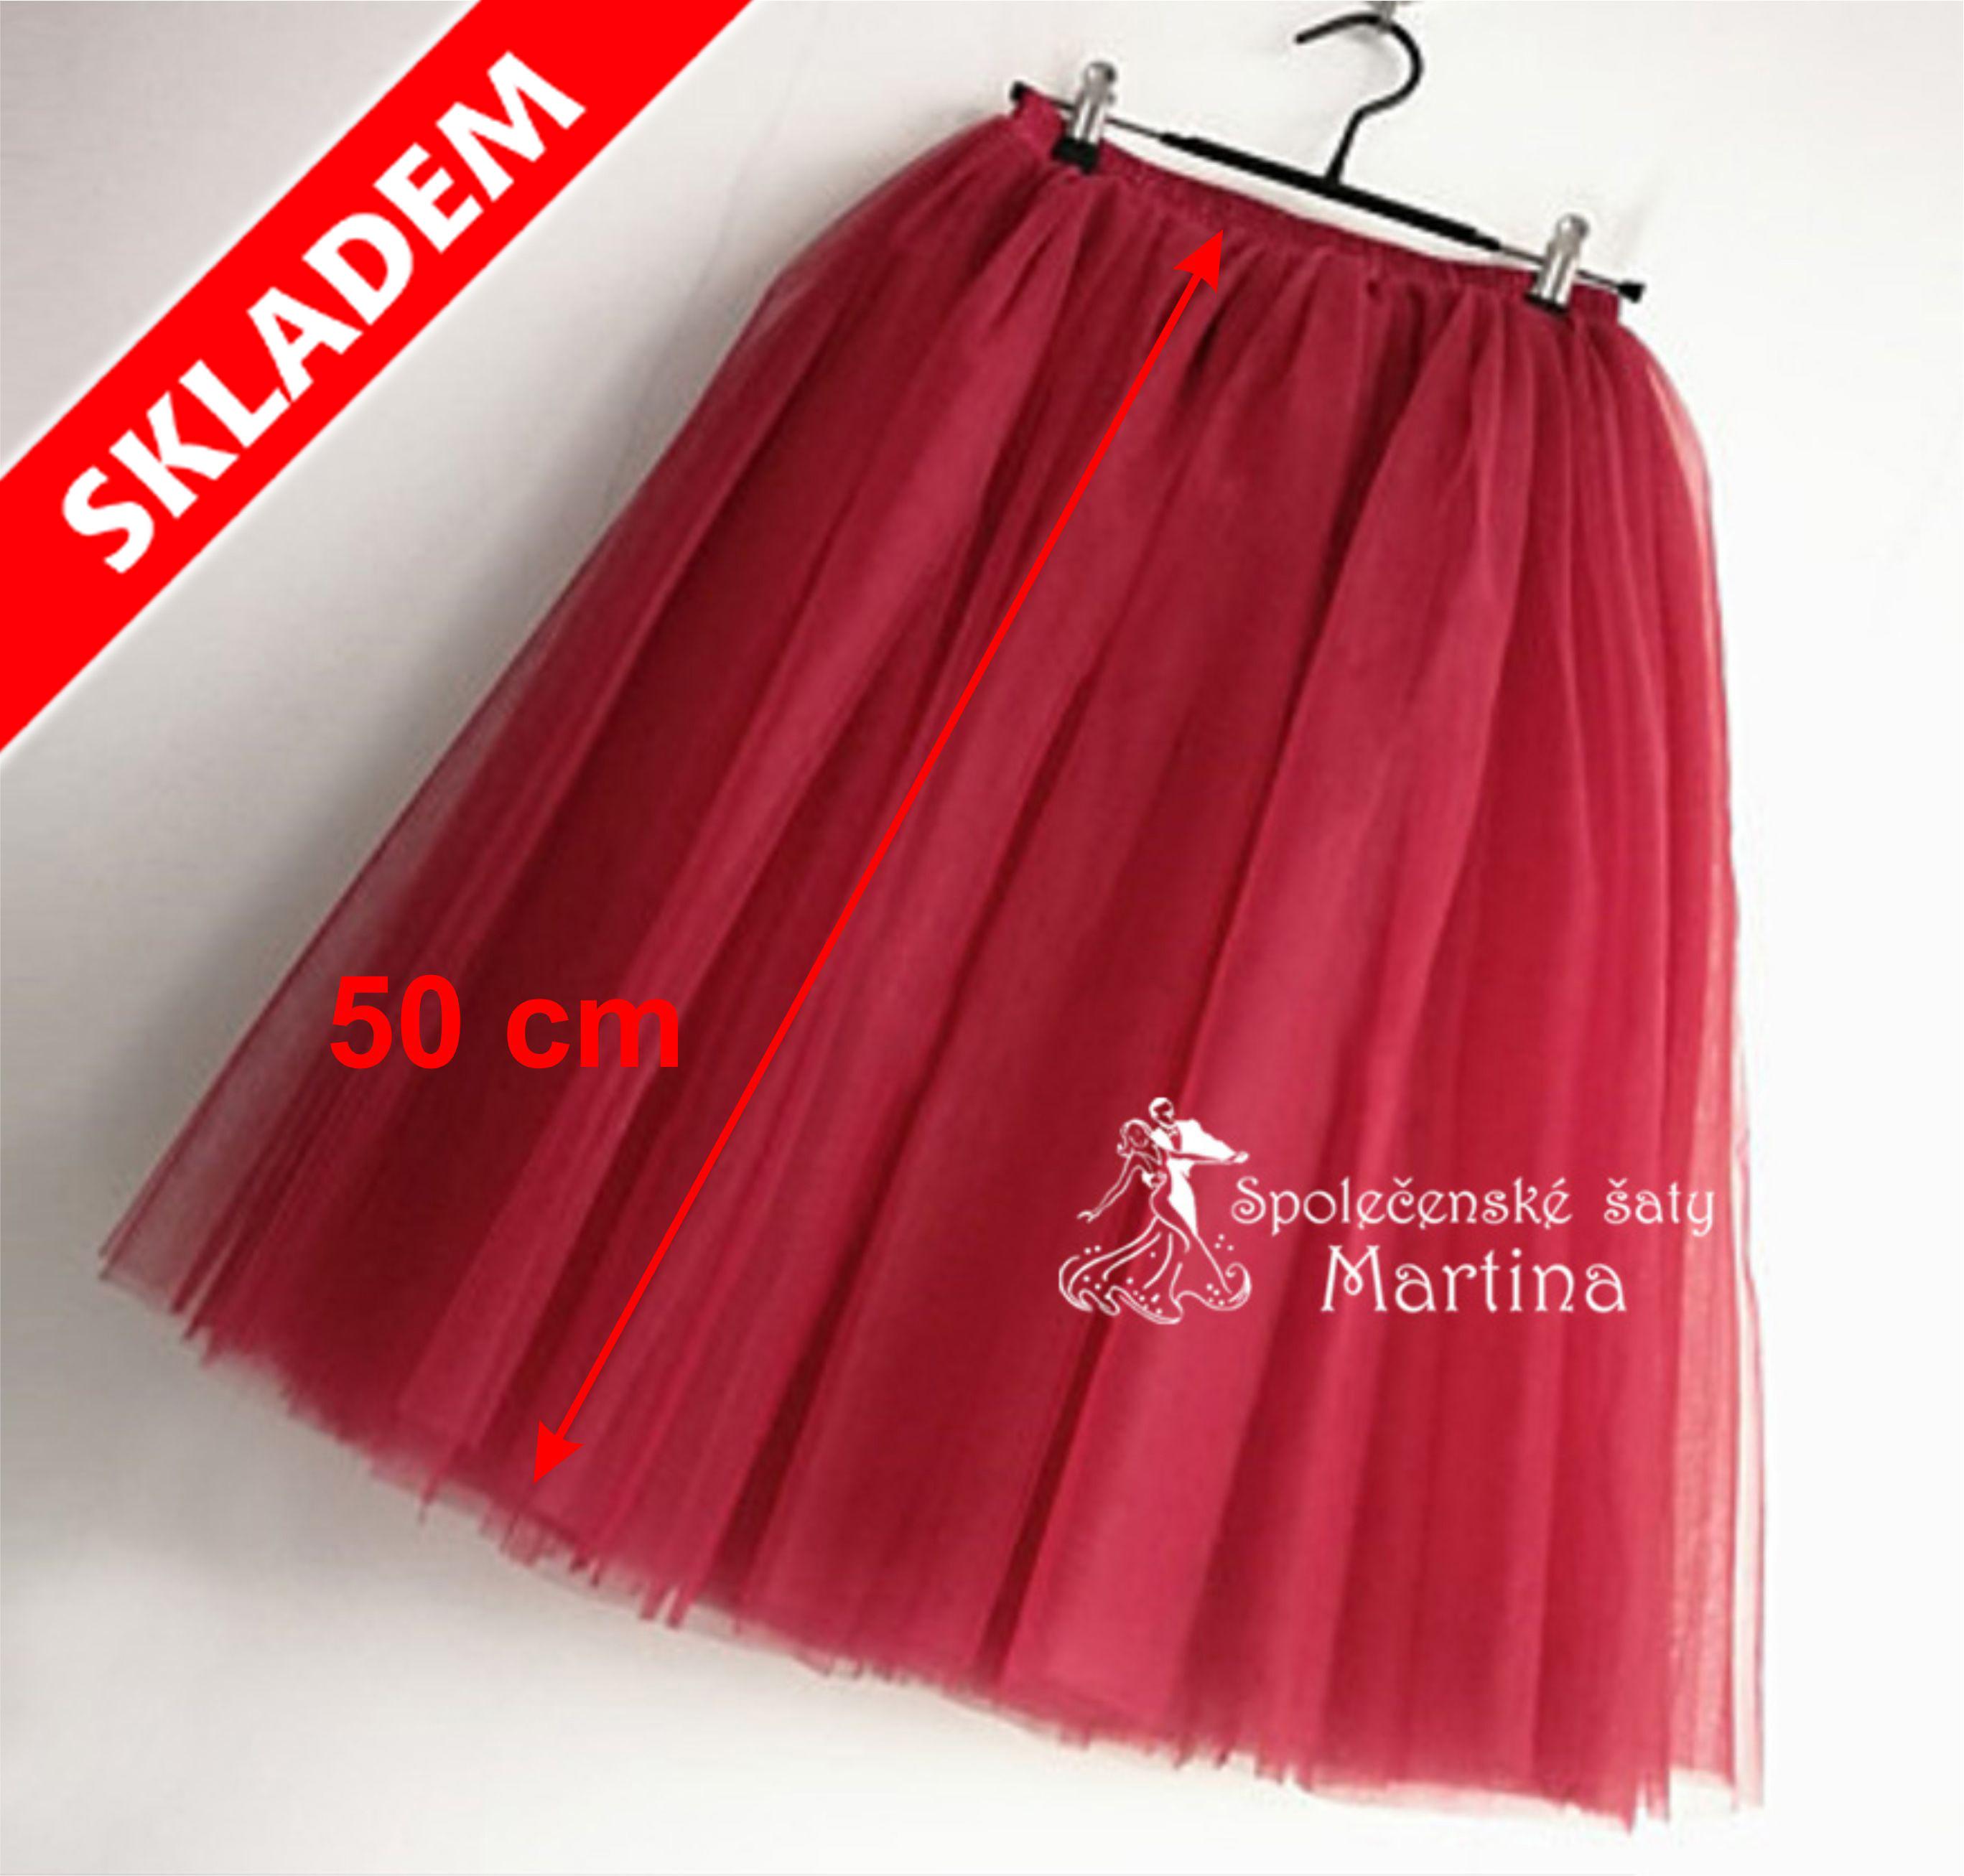 3f6e09b8959c 7-vrstvá tylová sukně - 50 cm